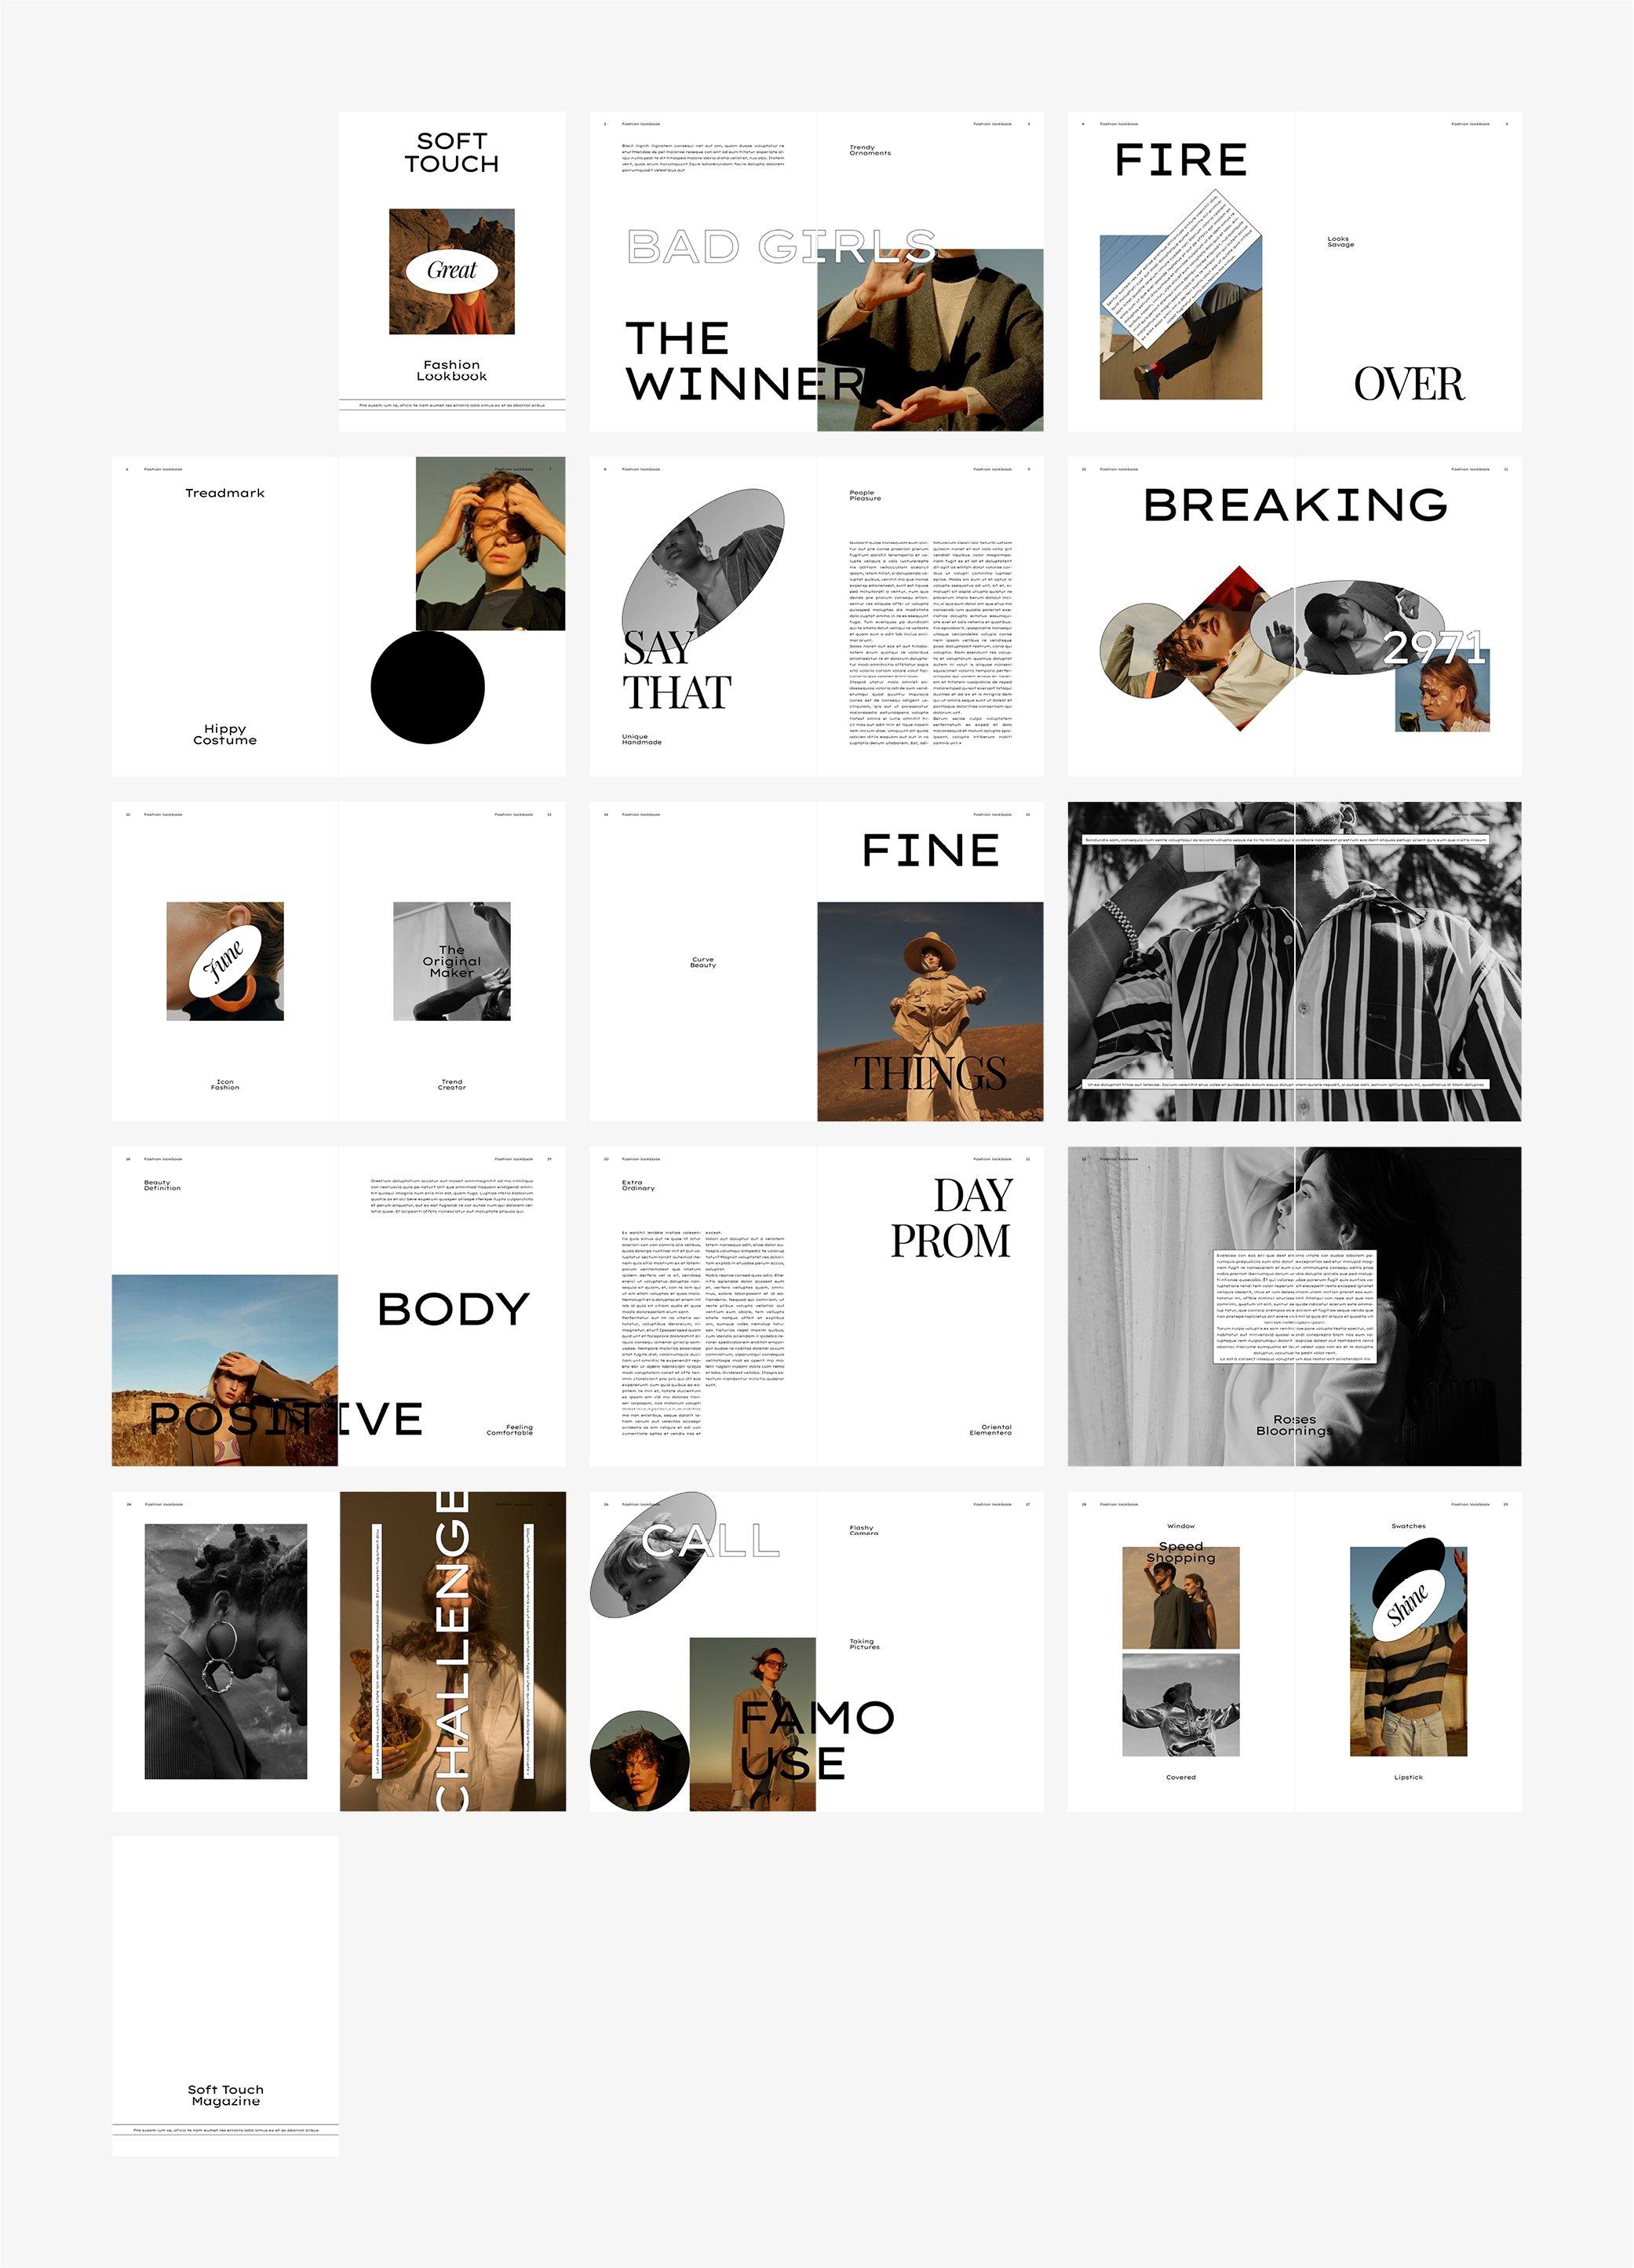 极简服装造型设计INDD画册模板 SOFT TOUCH Fashion Lookbook插图(6)